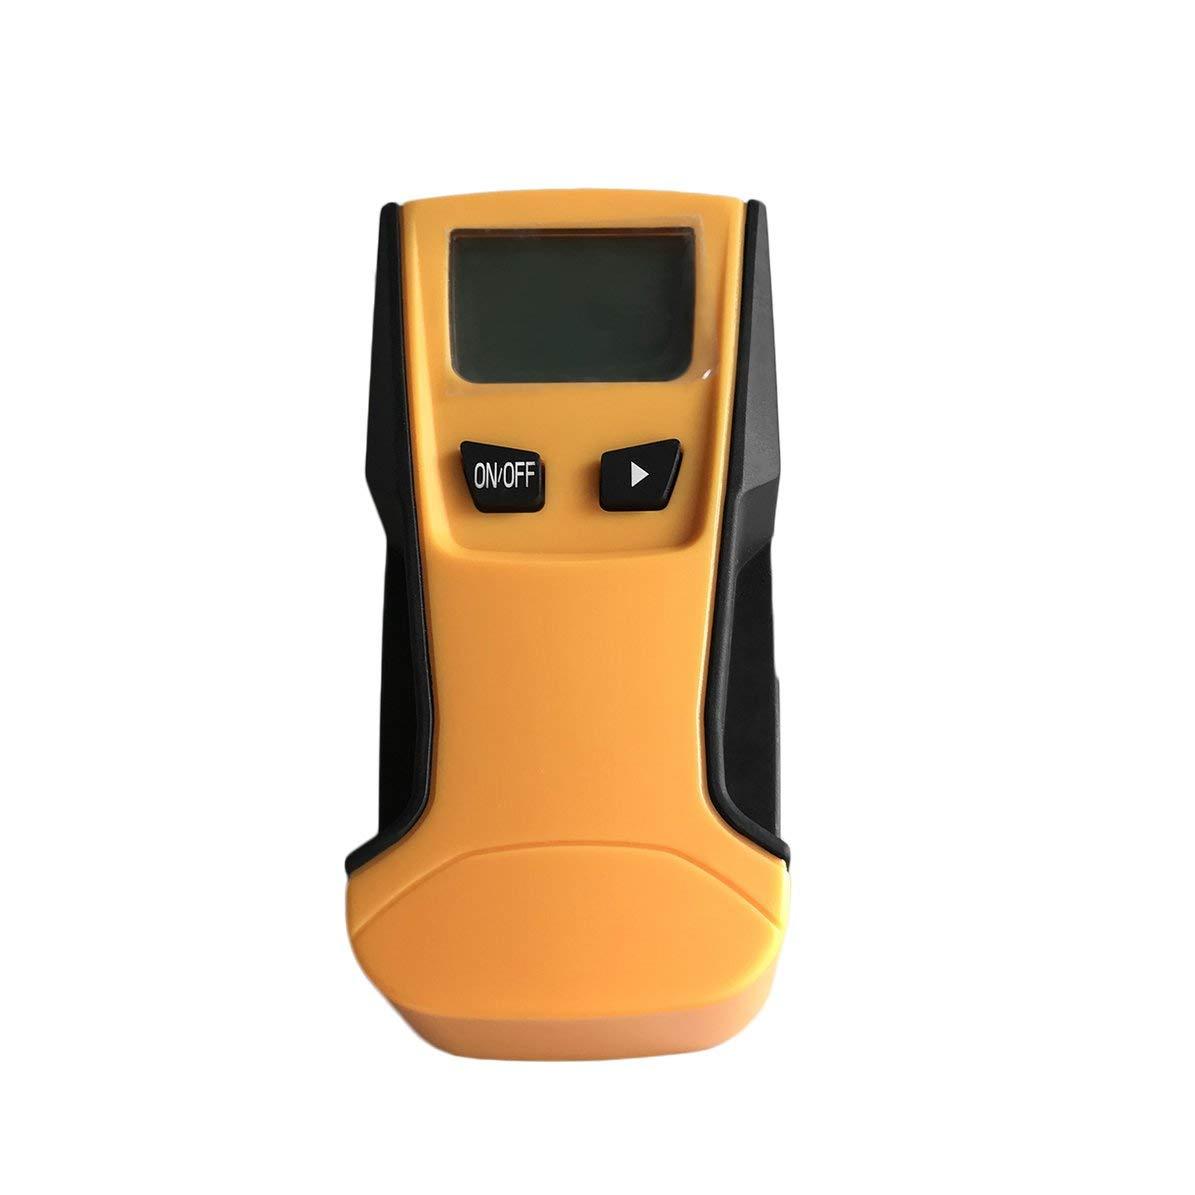 ST250 Detector de metales 3 en 1 Detector de metales Retroiluminación LCD Portátil Portátil CA Detector de cable vivo Escáner de pared: Amazon.es: Bricolaje ...